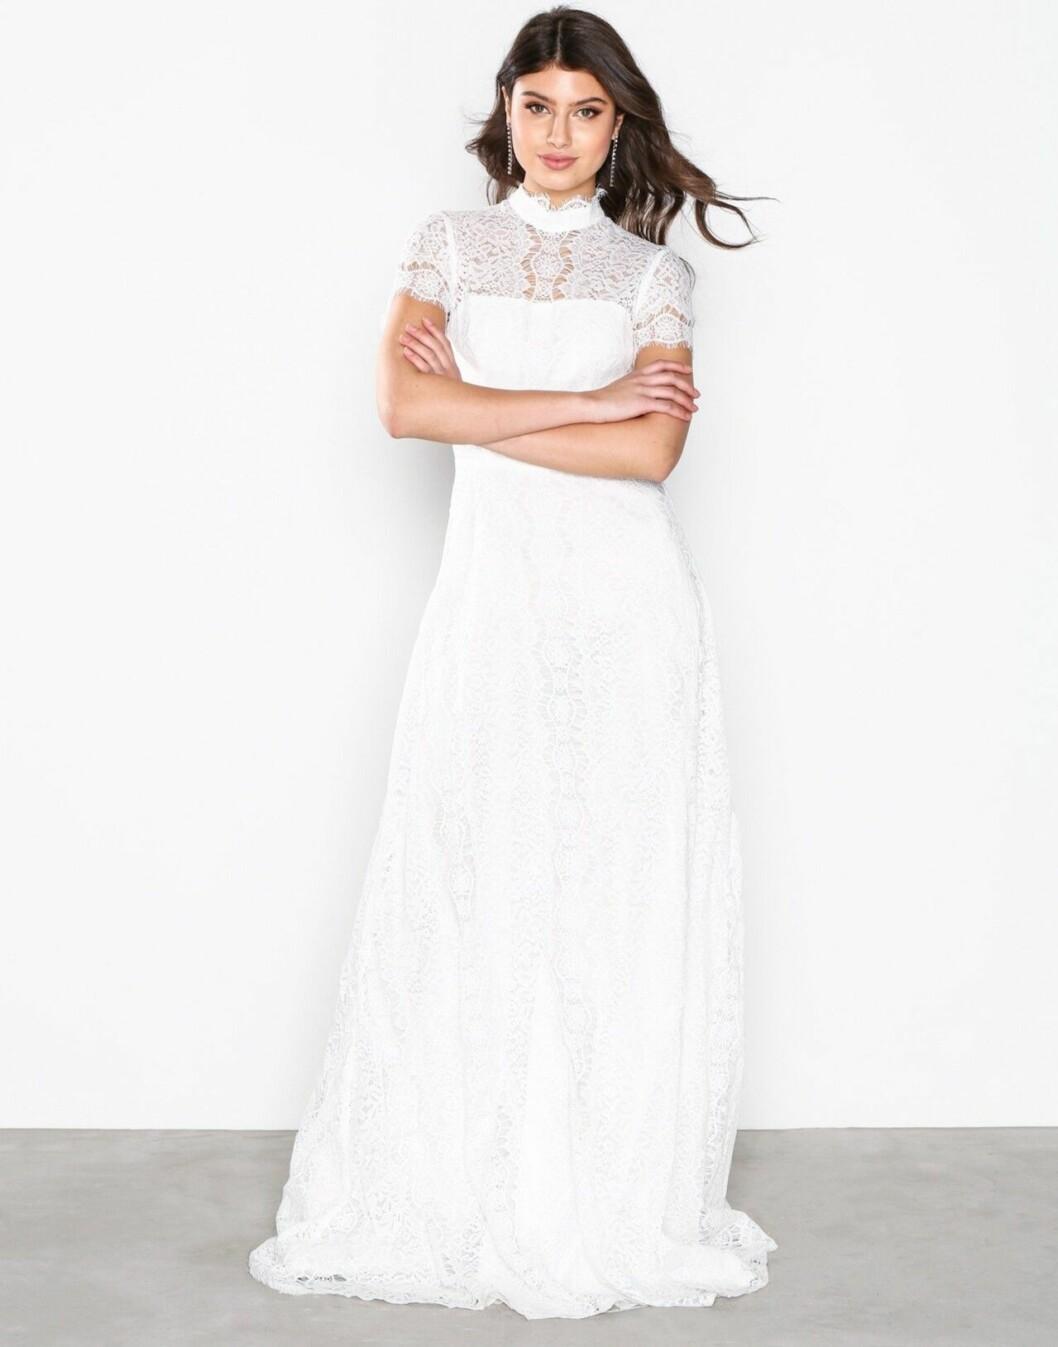 Billig bröllopsklänning med spets till 2019